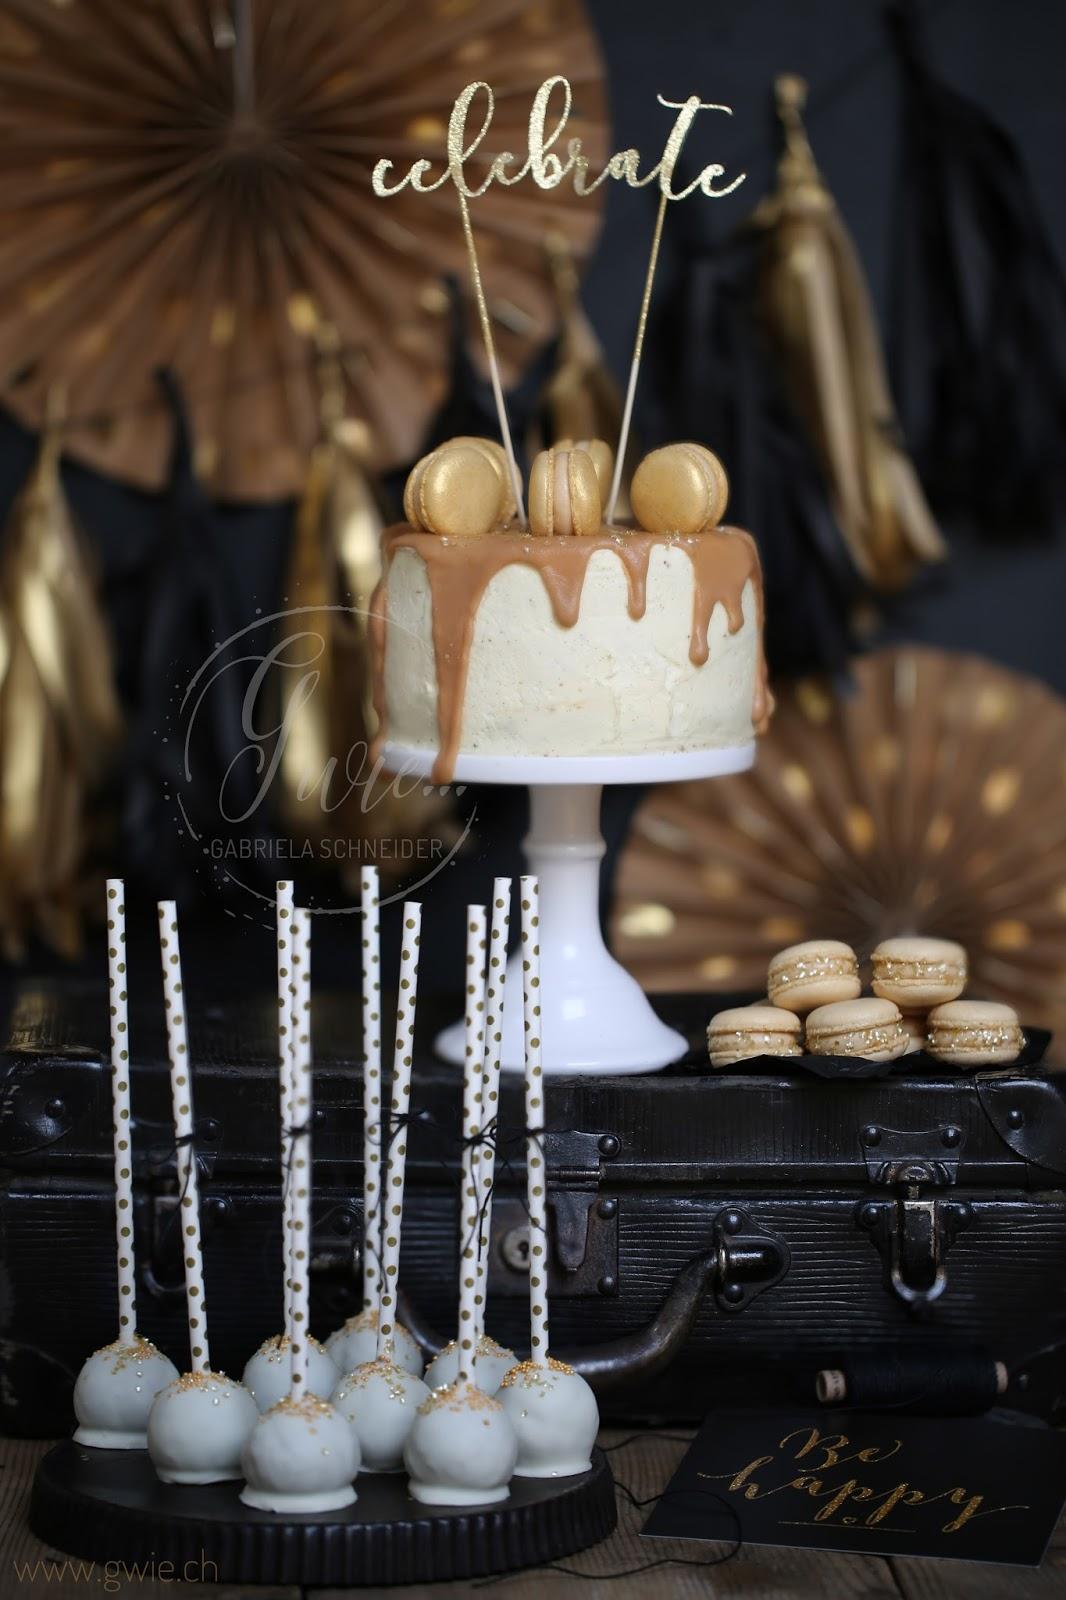 g wie happy new year walnuss brandy torte mit weisser. Black Bedroom Furniture Sets. Home Design Ideas